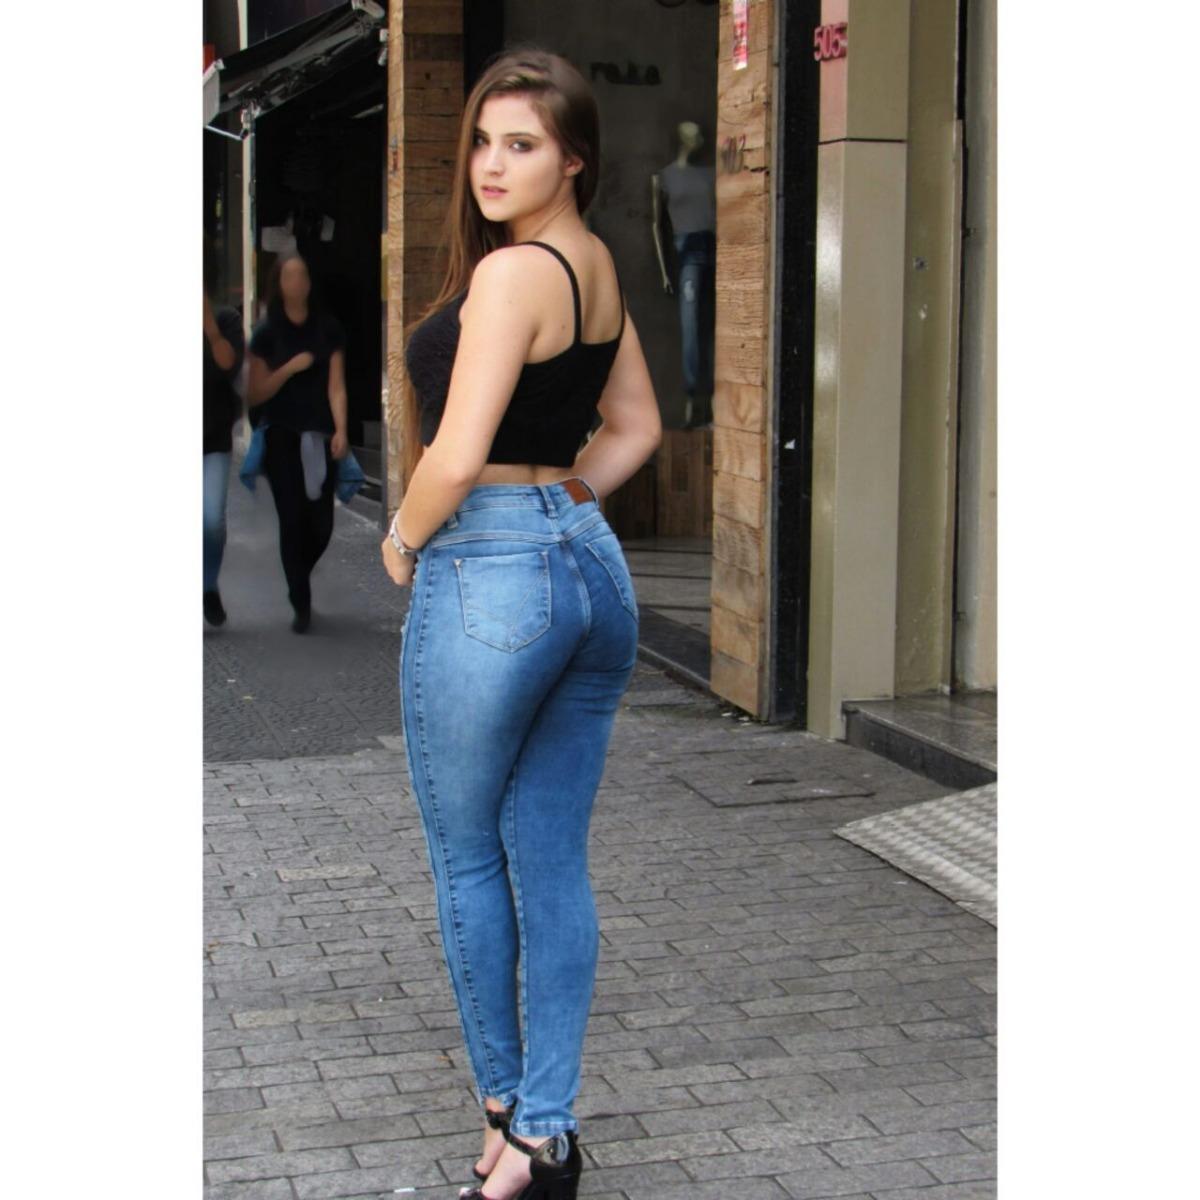 8a906a609 calça jeans skinny feminina cintura alta rasgada modela 1325. Carregando  zoom.